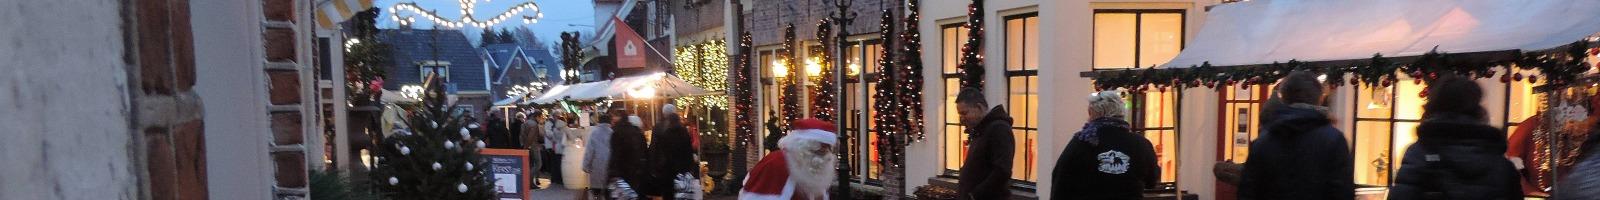 Kerst En Kunst In Ootmarsum 2019 7 Dec 2019 8 Dec 2019